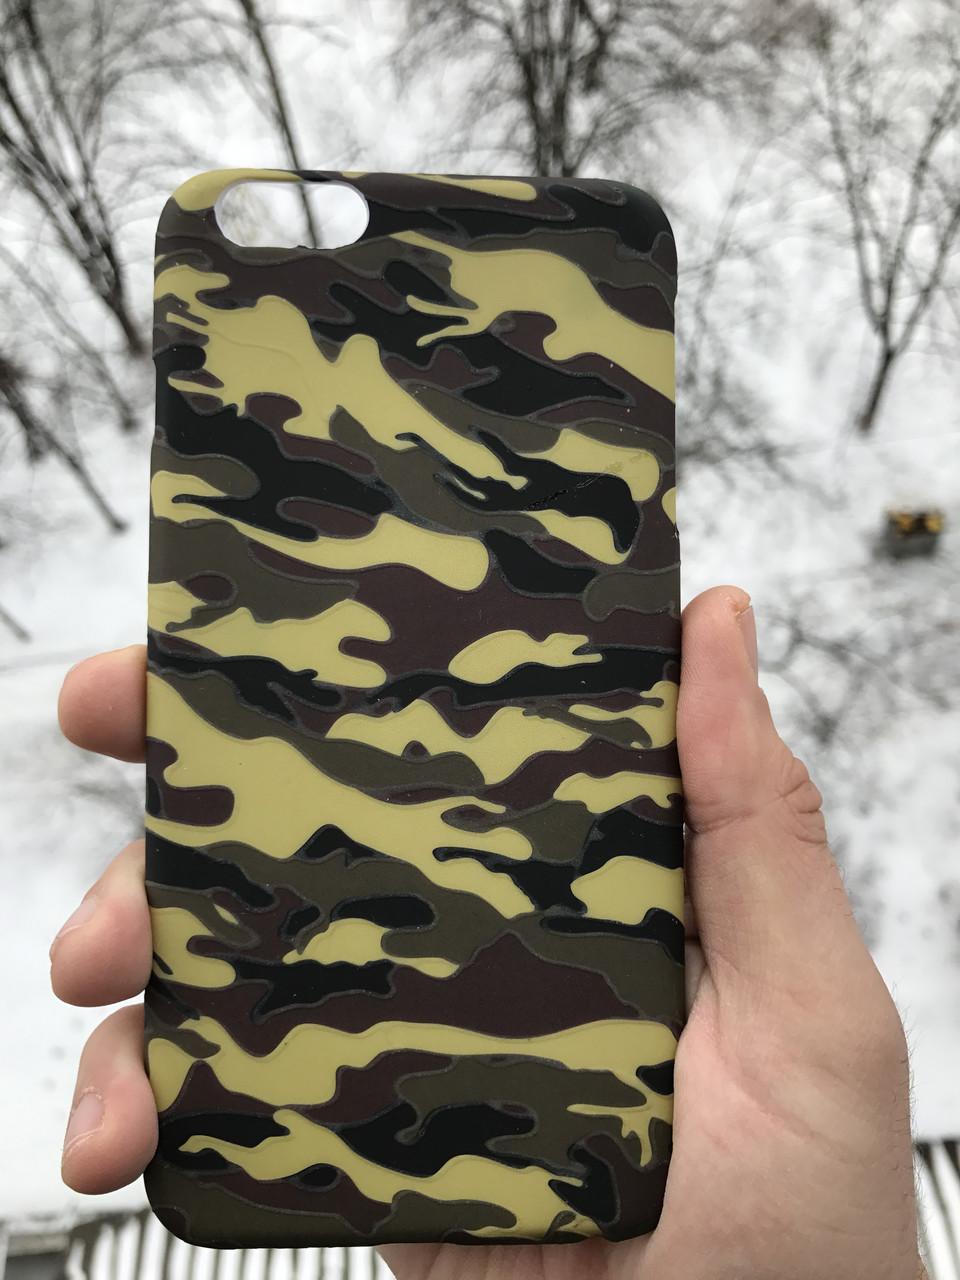 Чехол камуфляжный противоуданый iphone 6/6s plus + защитное стекло на экран в подарок